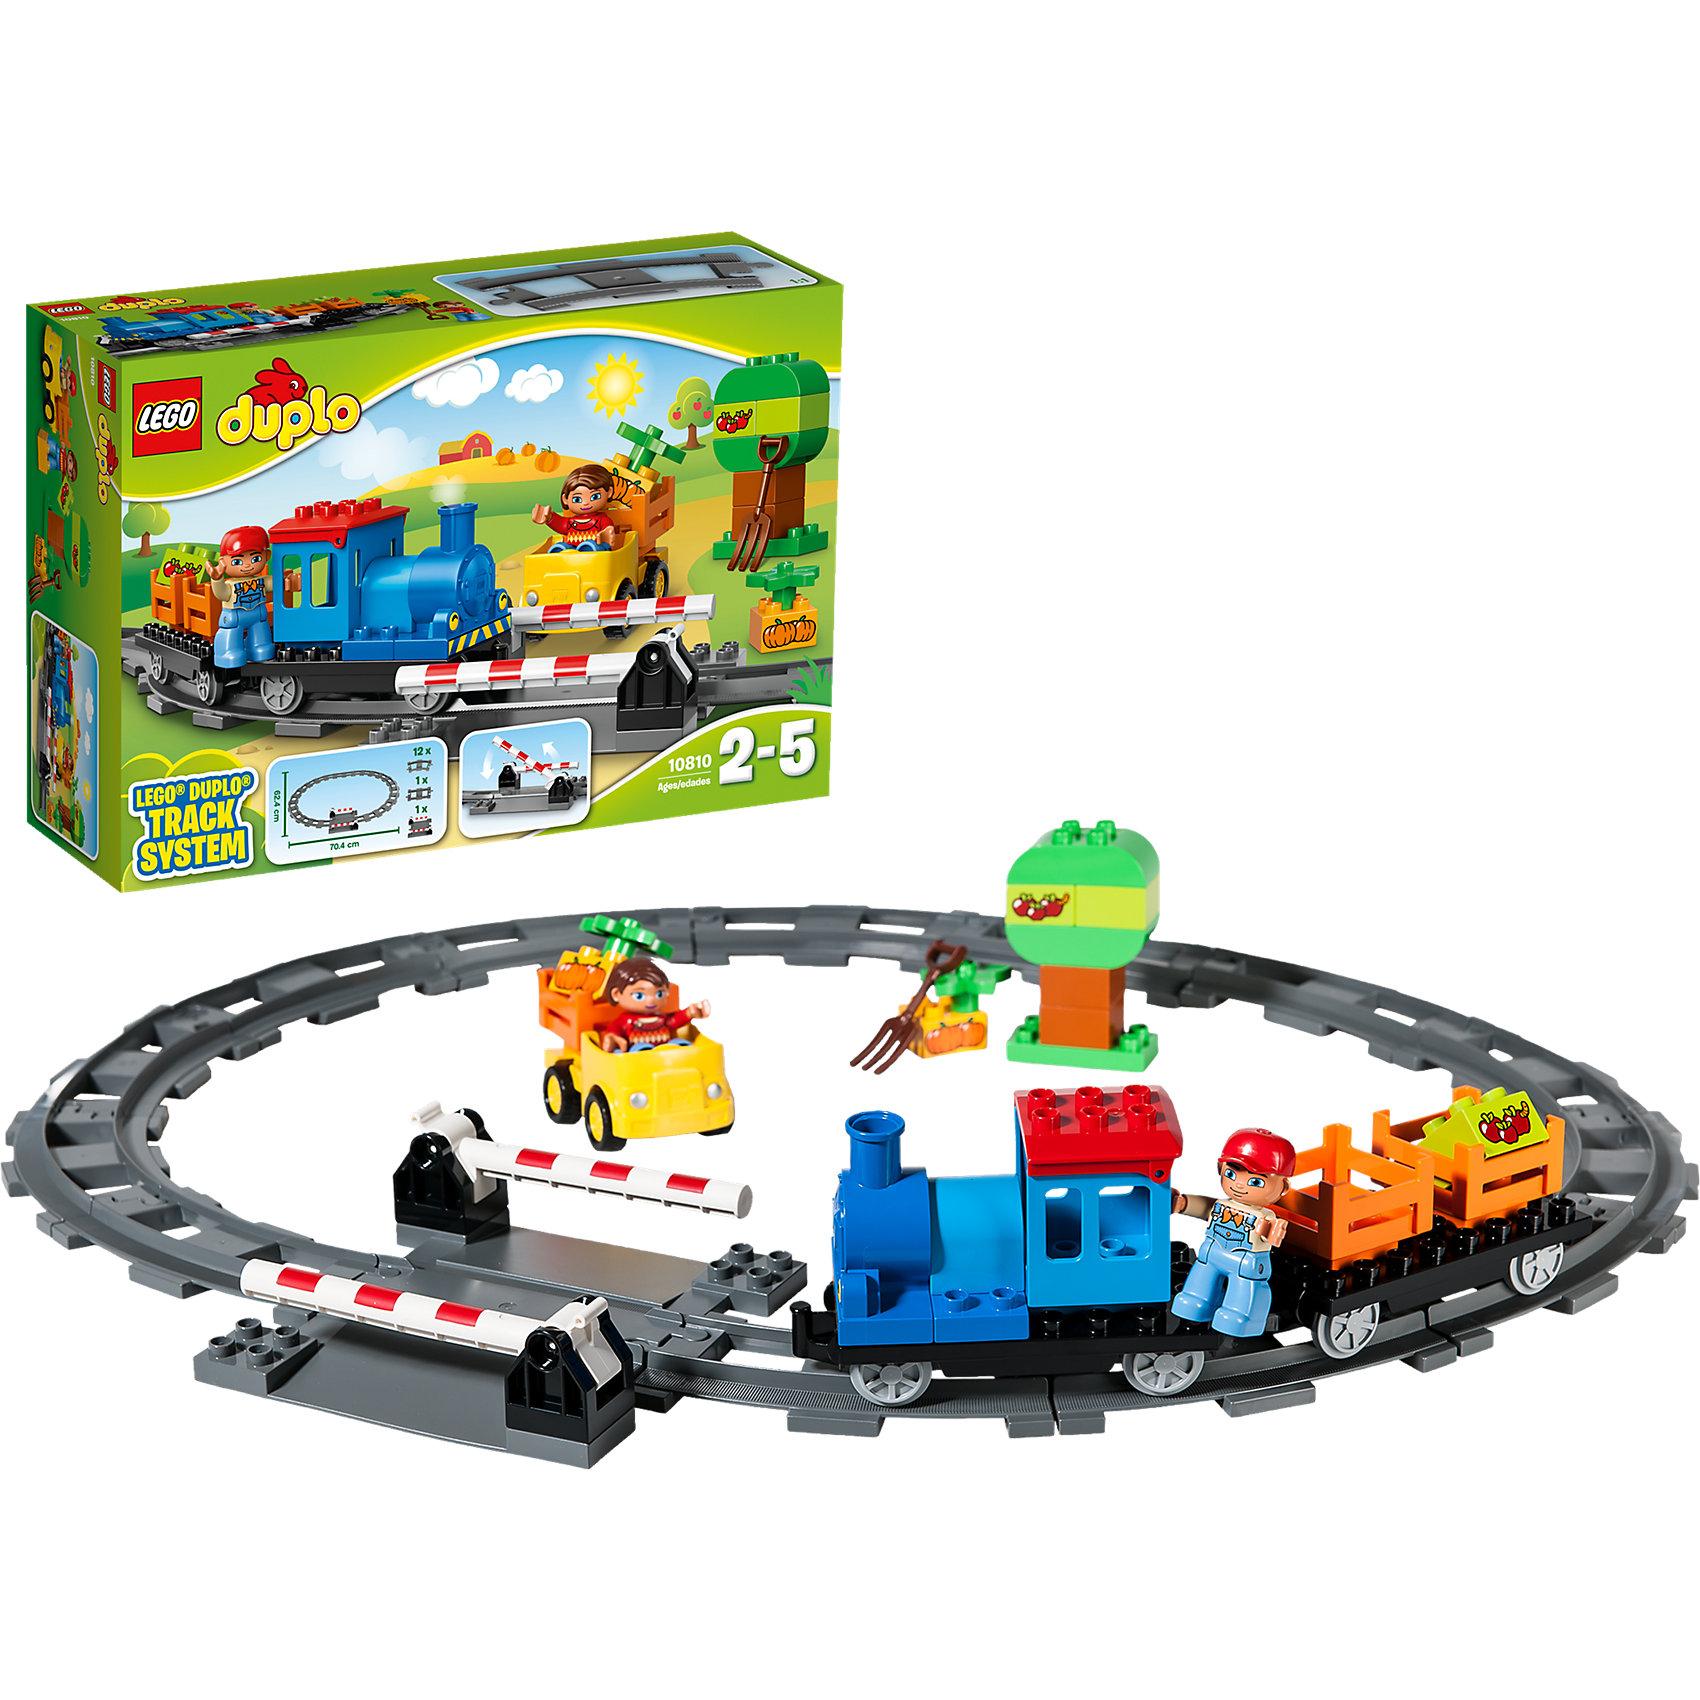 LEGO DUPLO 10810: ЛокомотивПластмассовые конструкторы<br>Играть в поезда обожает множество современных мальчишек, поэтому набор фигурок и конструктора в этой тематике обязательно обрадует ребенка. Игры с такими комплектами помогают детям развивать воображение, мелкую моторику, логику и творческое мышление.<br>Набор состоит из грузового поезда (локомотив с вагончиком), железной дороги овальной формы, жёлтого автомобиля, дерева, обучающих кубиков: 2 с тыковками и 2 с яблоками и двух фигурок<br>машиниста и водителя. С таким комплектом можно придумать множество игр!<br><br>Дополнительная информация:<br><br>цвет: разноцветный;<br>материал: пластик;<br>количество деталей: 45;<br>размеры: грузовой поезд (10х28х6 см), железная дорога (62х70 см), машина (9х11х7 см).<br><br>Комплект Локомотив от компании LEGO DUPLO можно купить в нашем магазине.<br><br>Ширина мм: 387<br>Глубина мм: 263<br>Высота мм: 124<br>Вес г: 1005<br>Возраст от месяцев: 24<br>Возраст до месяцев: 60<br>Пол: Унисекс<br>Возраст: Детский<br>SKU: 4906927